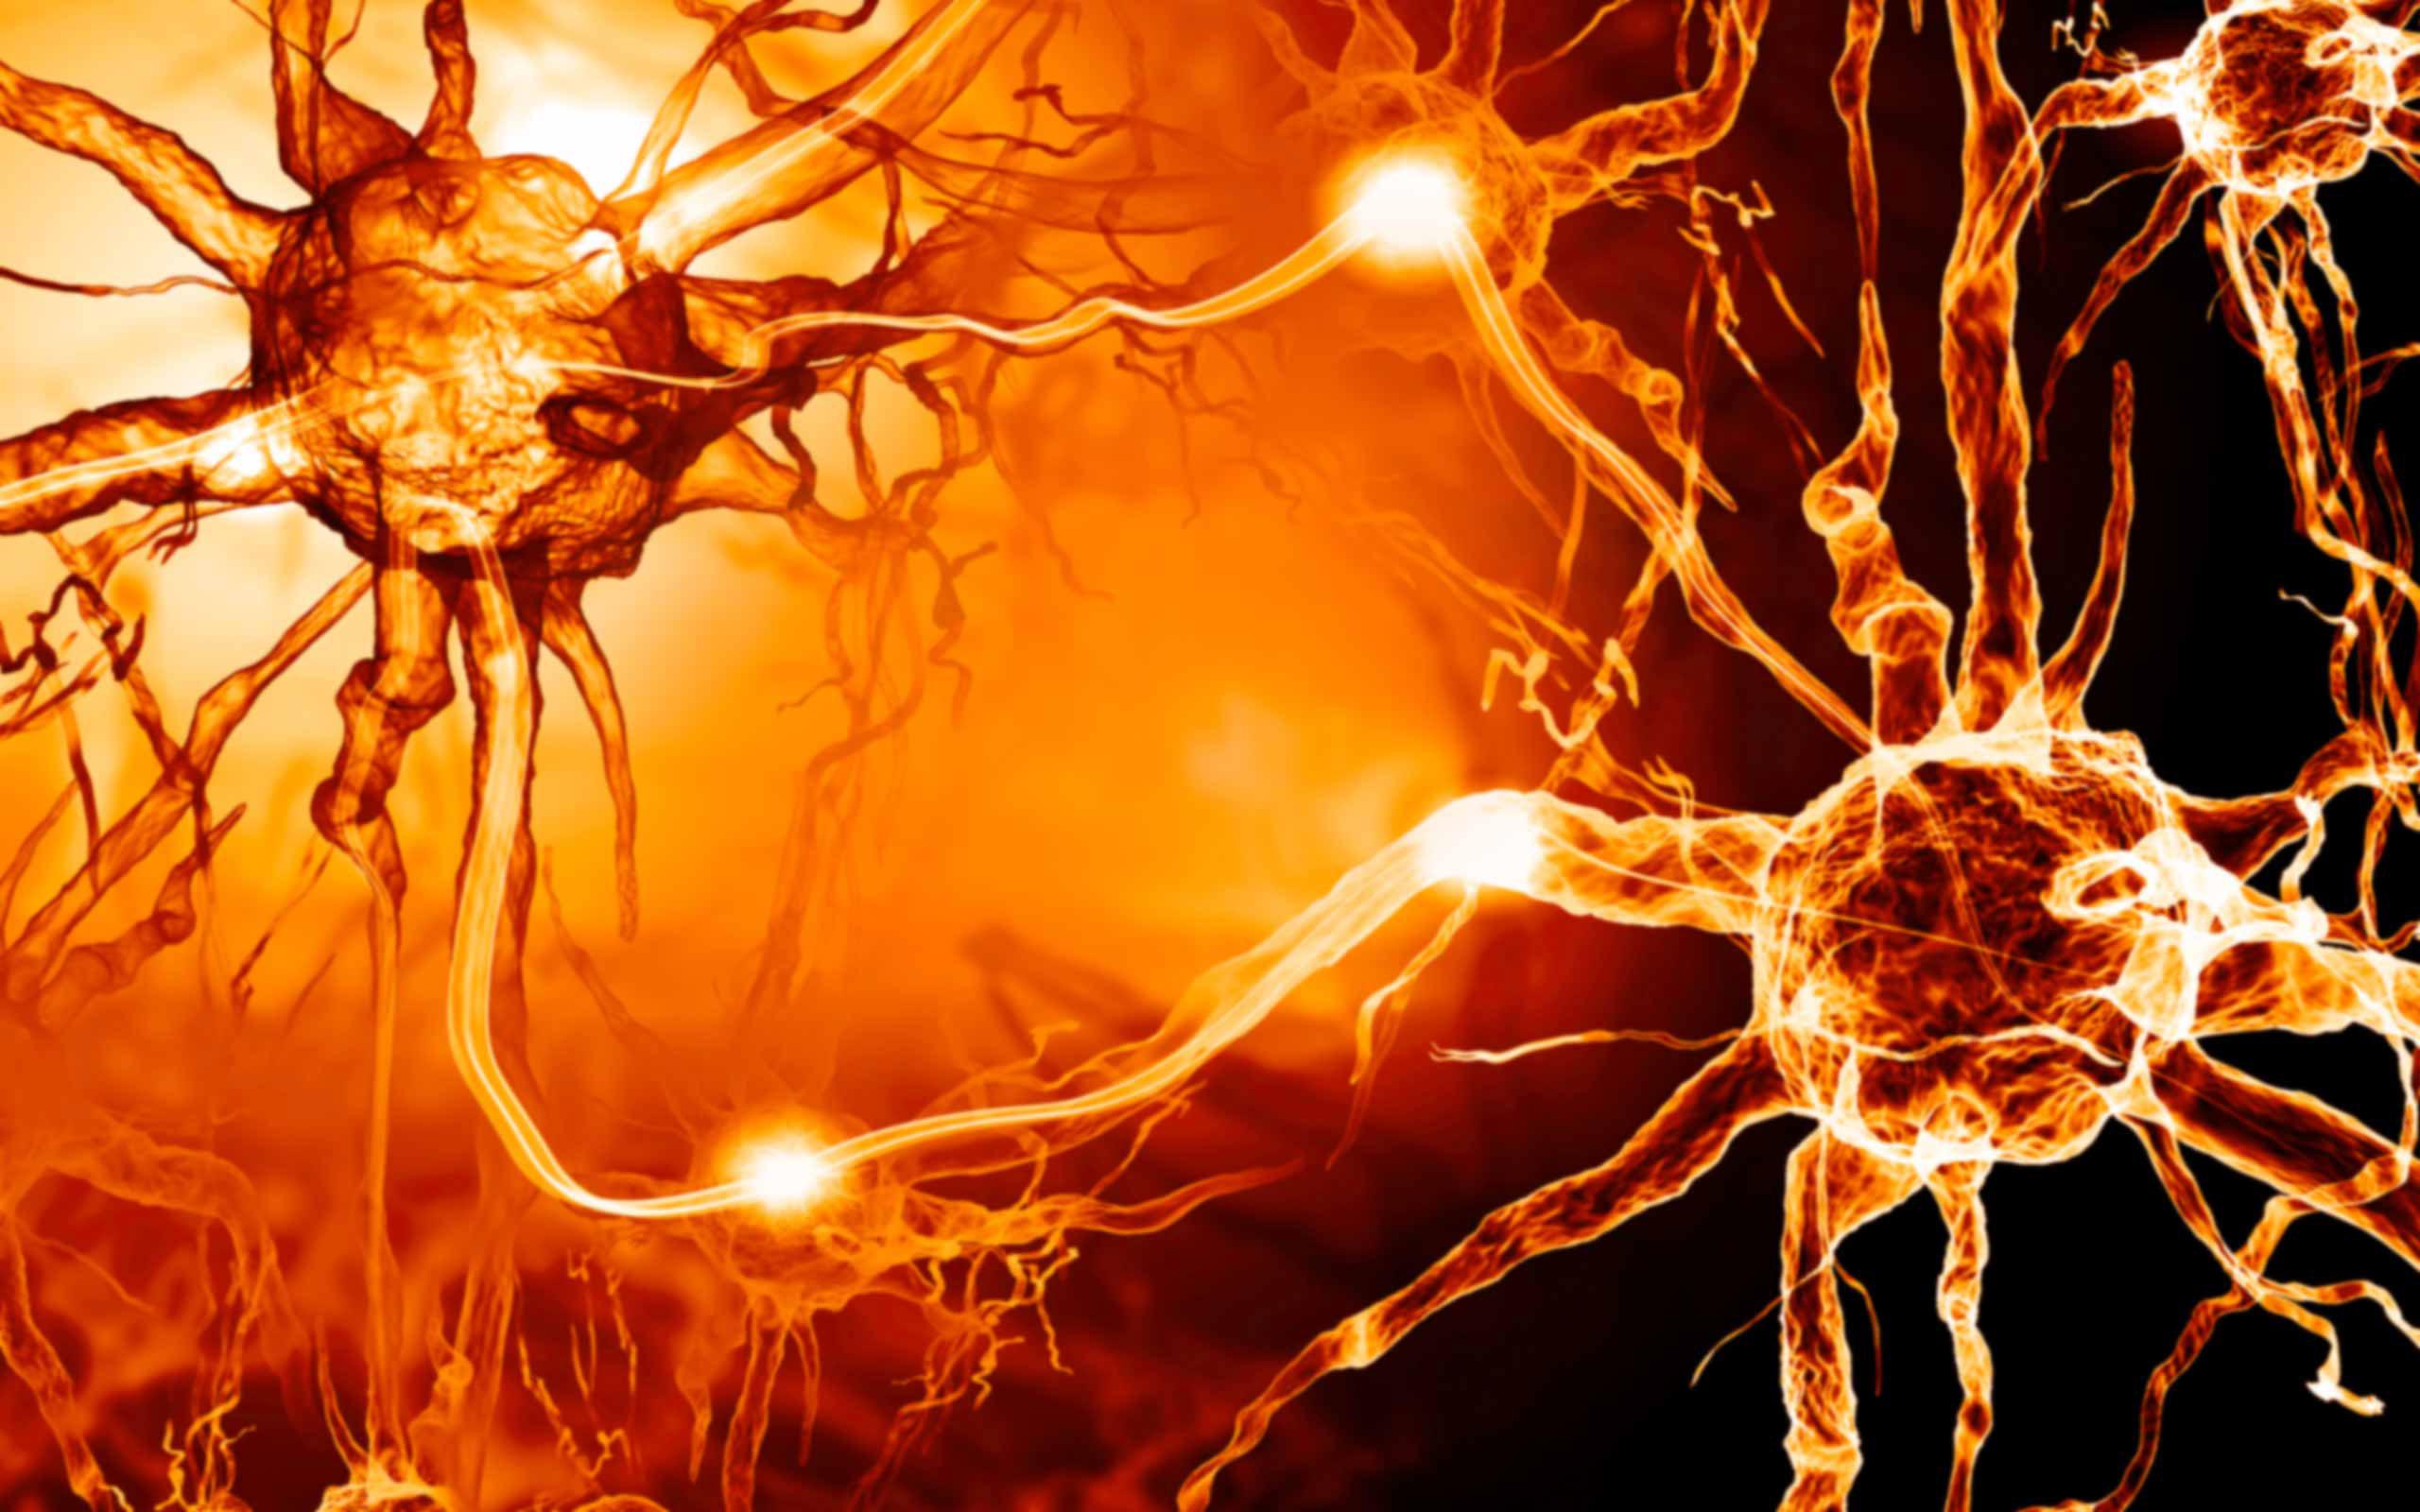 Нервные клетки восстанавливаются секс 7 фотография